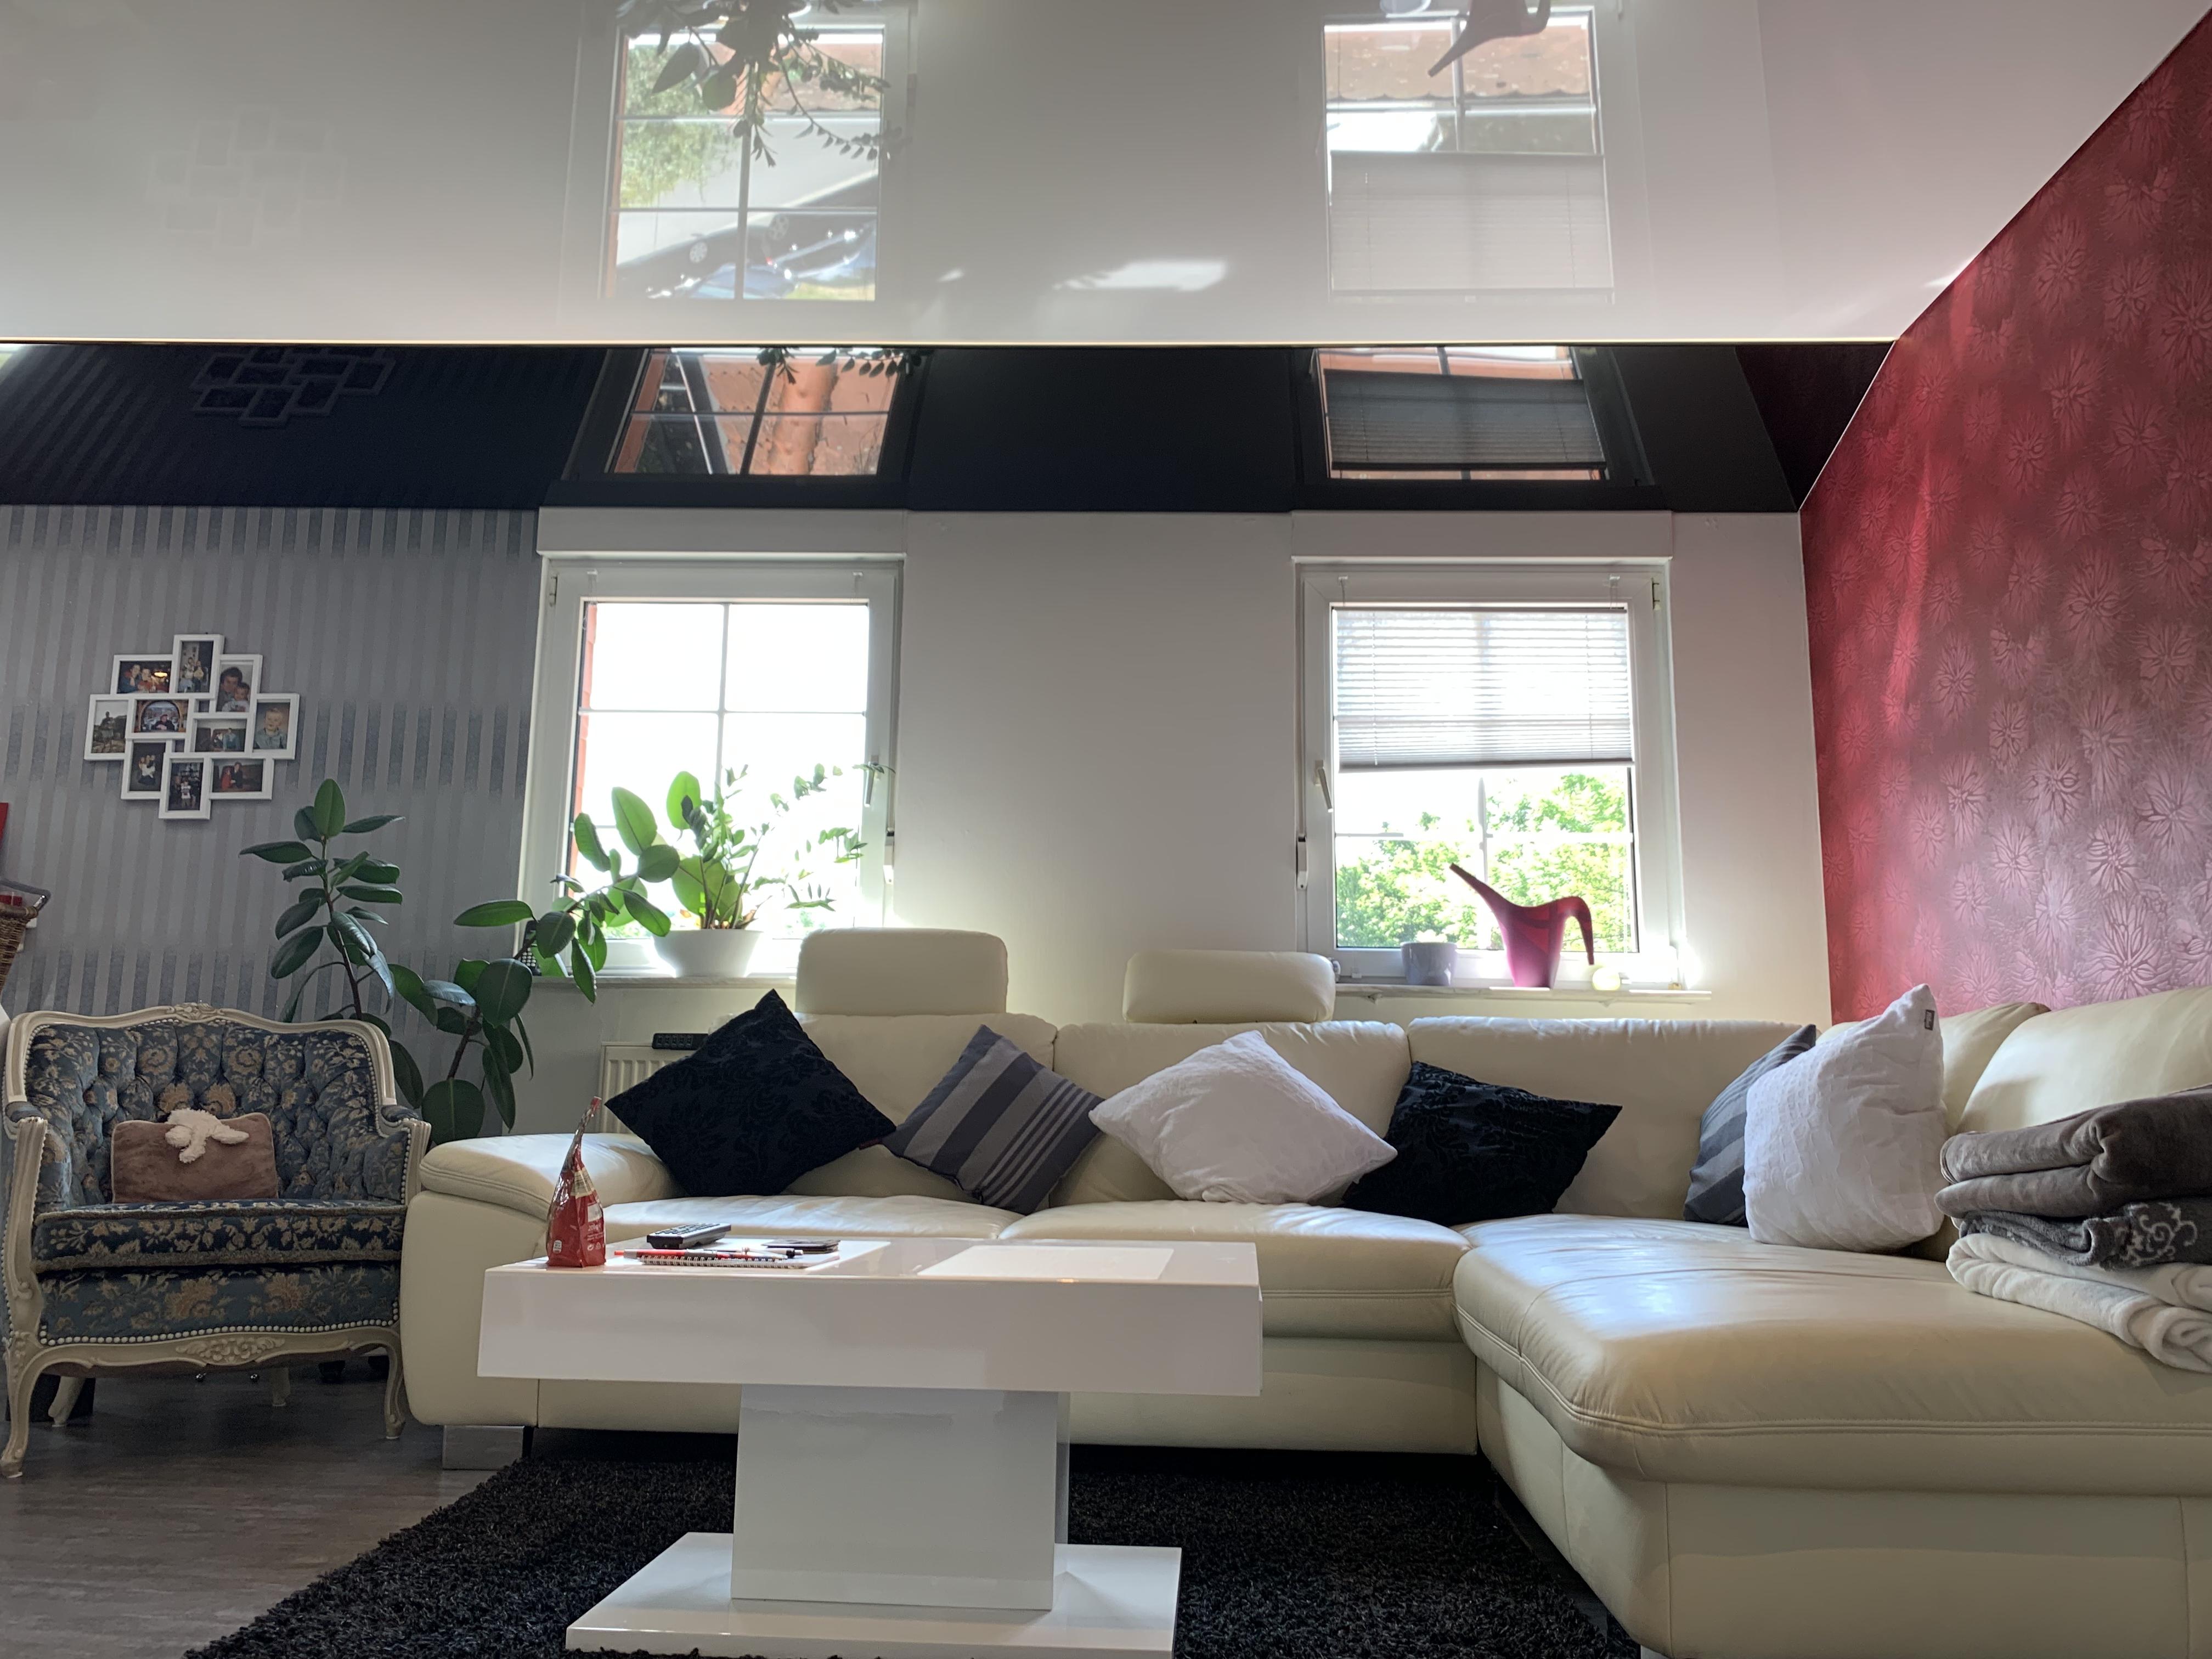 lackspanndecken weinreich haas braunschweig. Black Bedroom Furniture Sets. Home Design Ideas